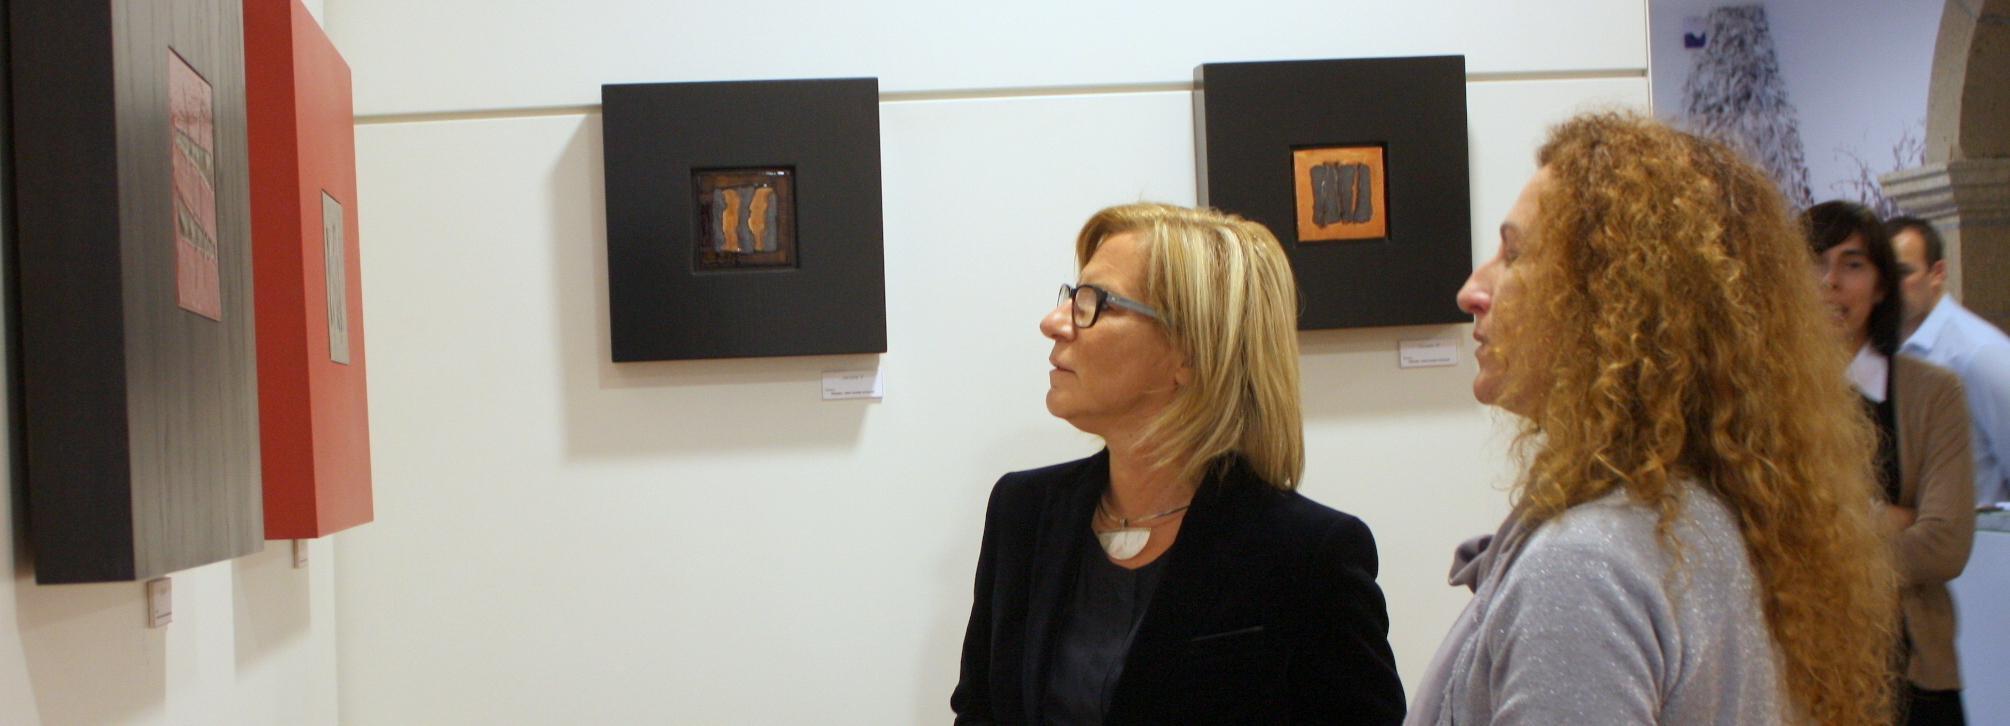 Exposição de azulejos de Ana Campos no Museu de Olaria